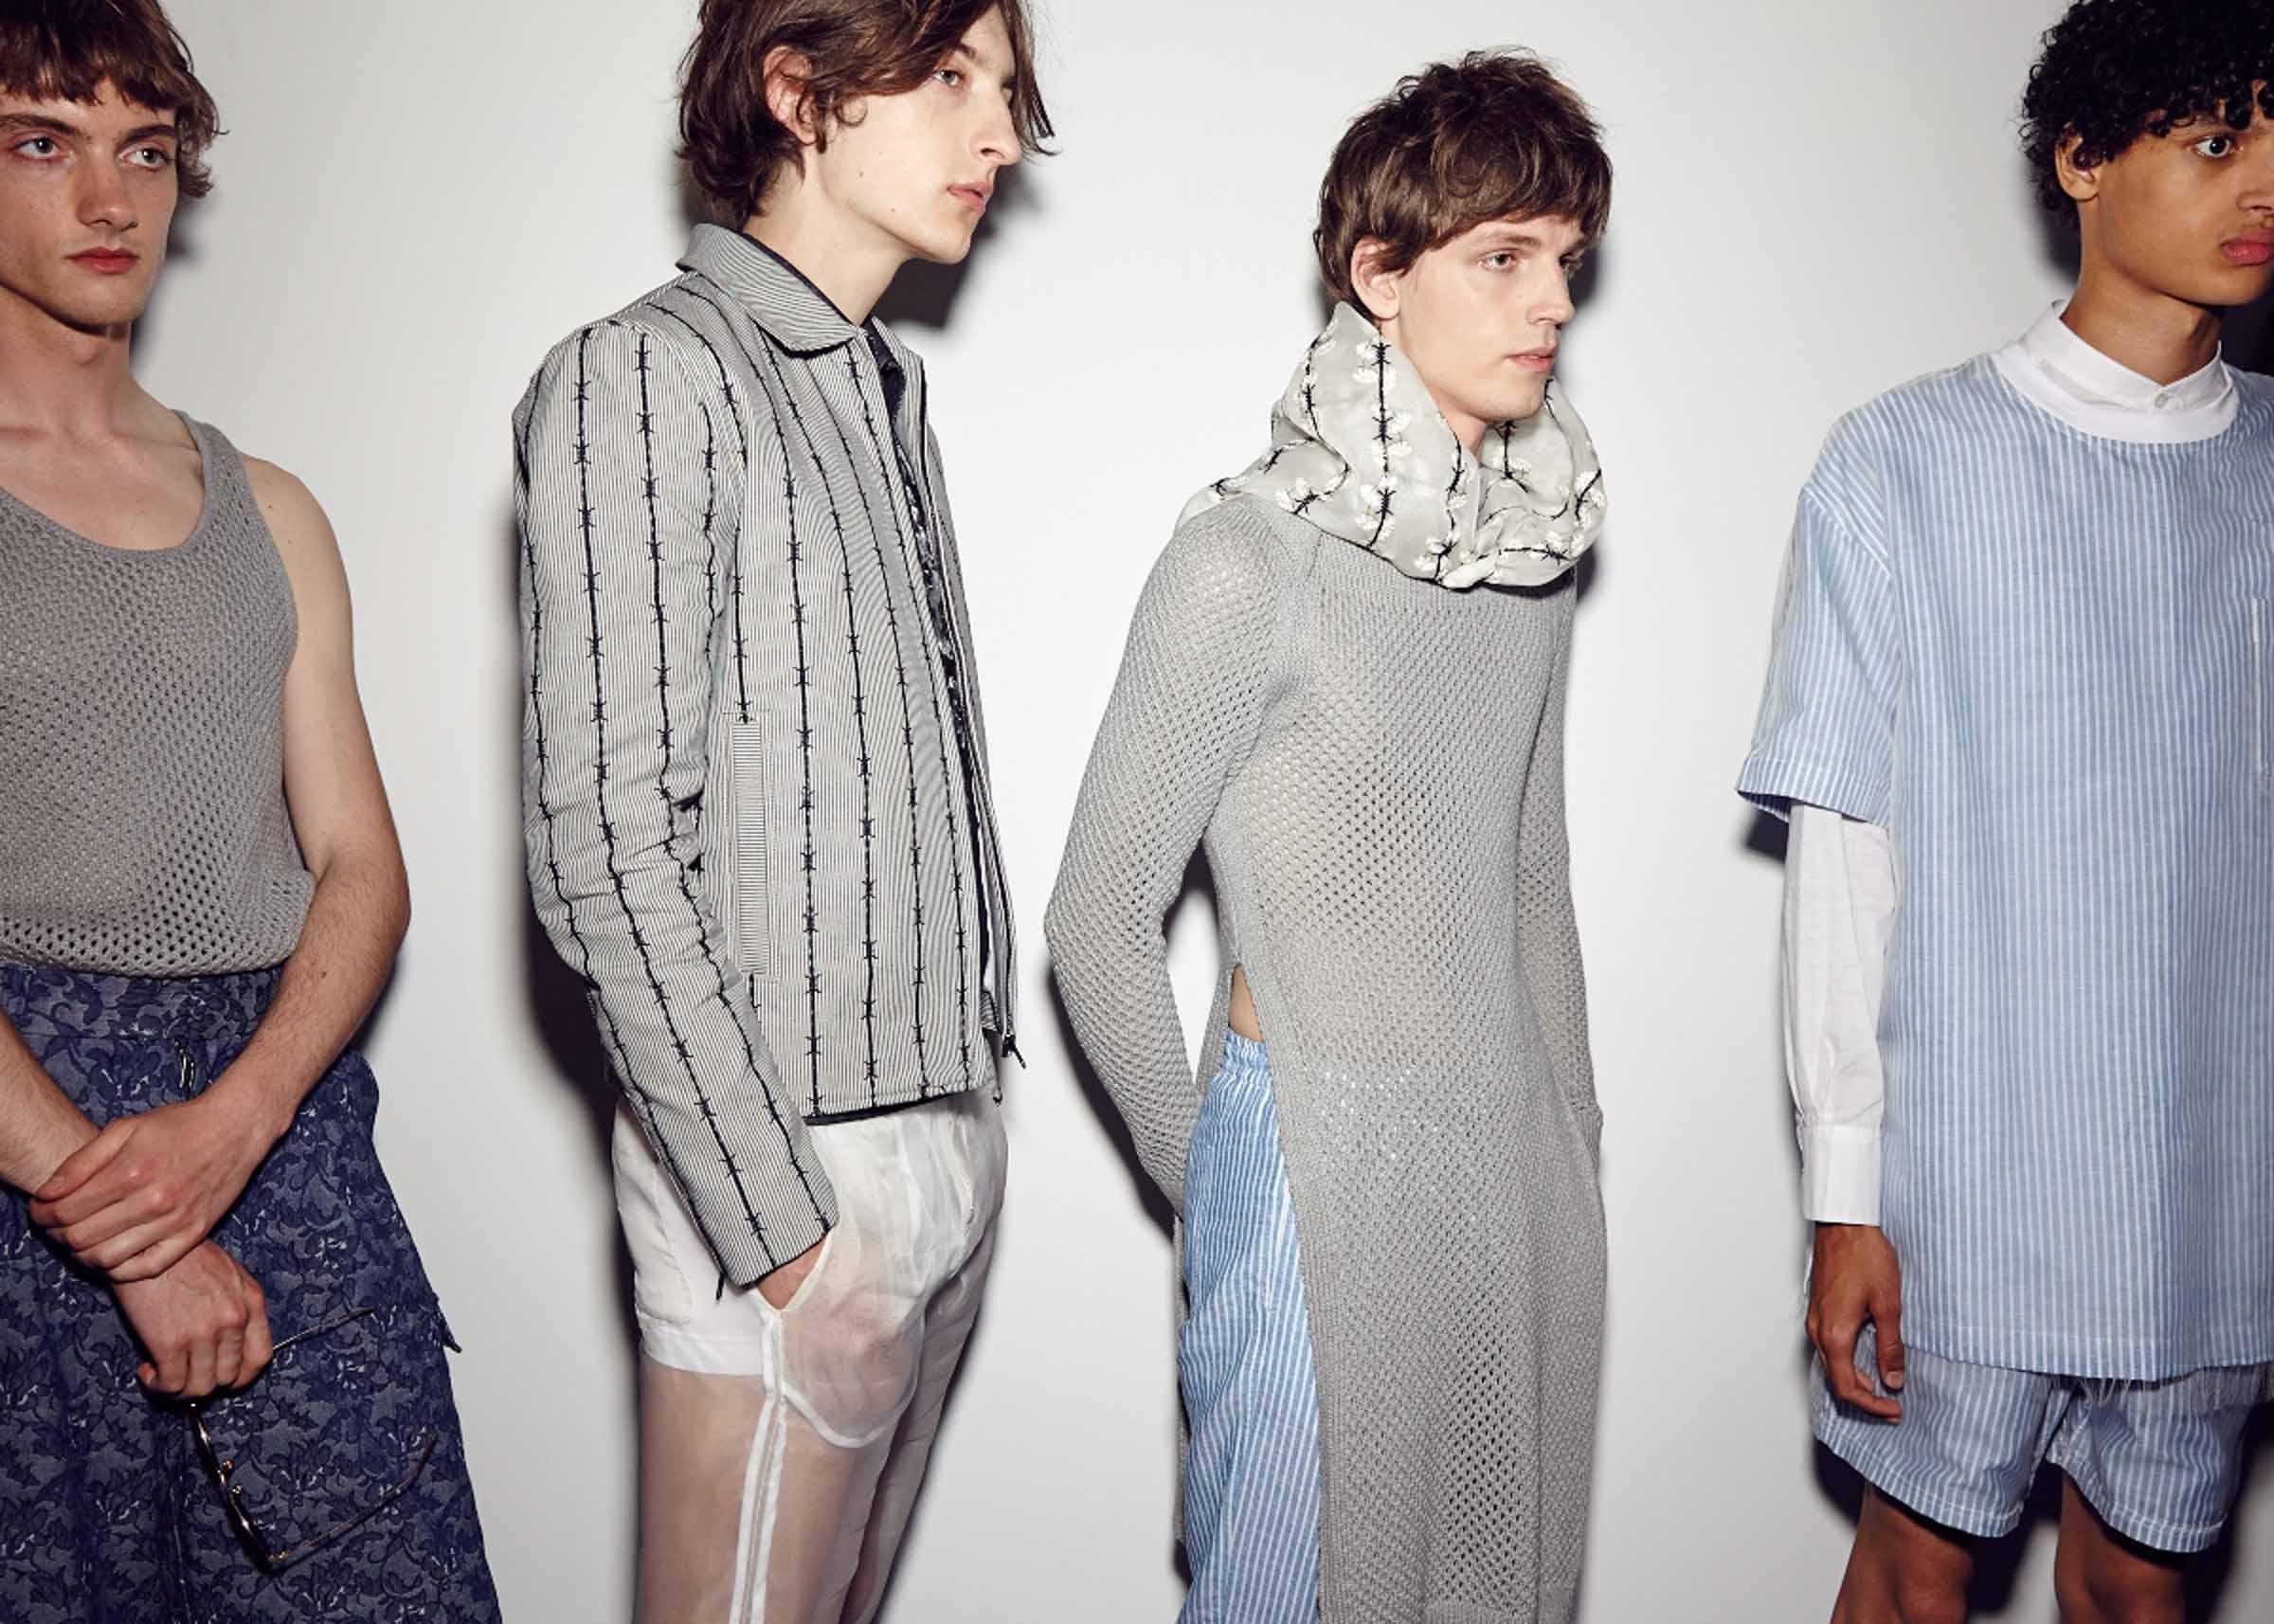 Bodybound SS18, Backstage (Sam Wilson, British Fashion Council)